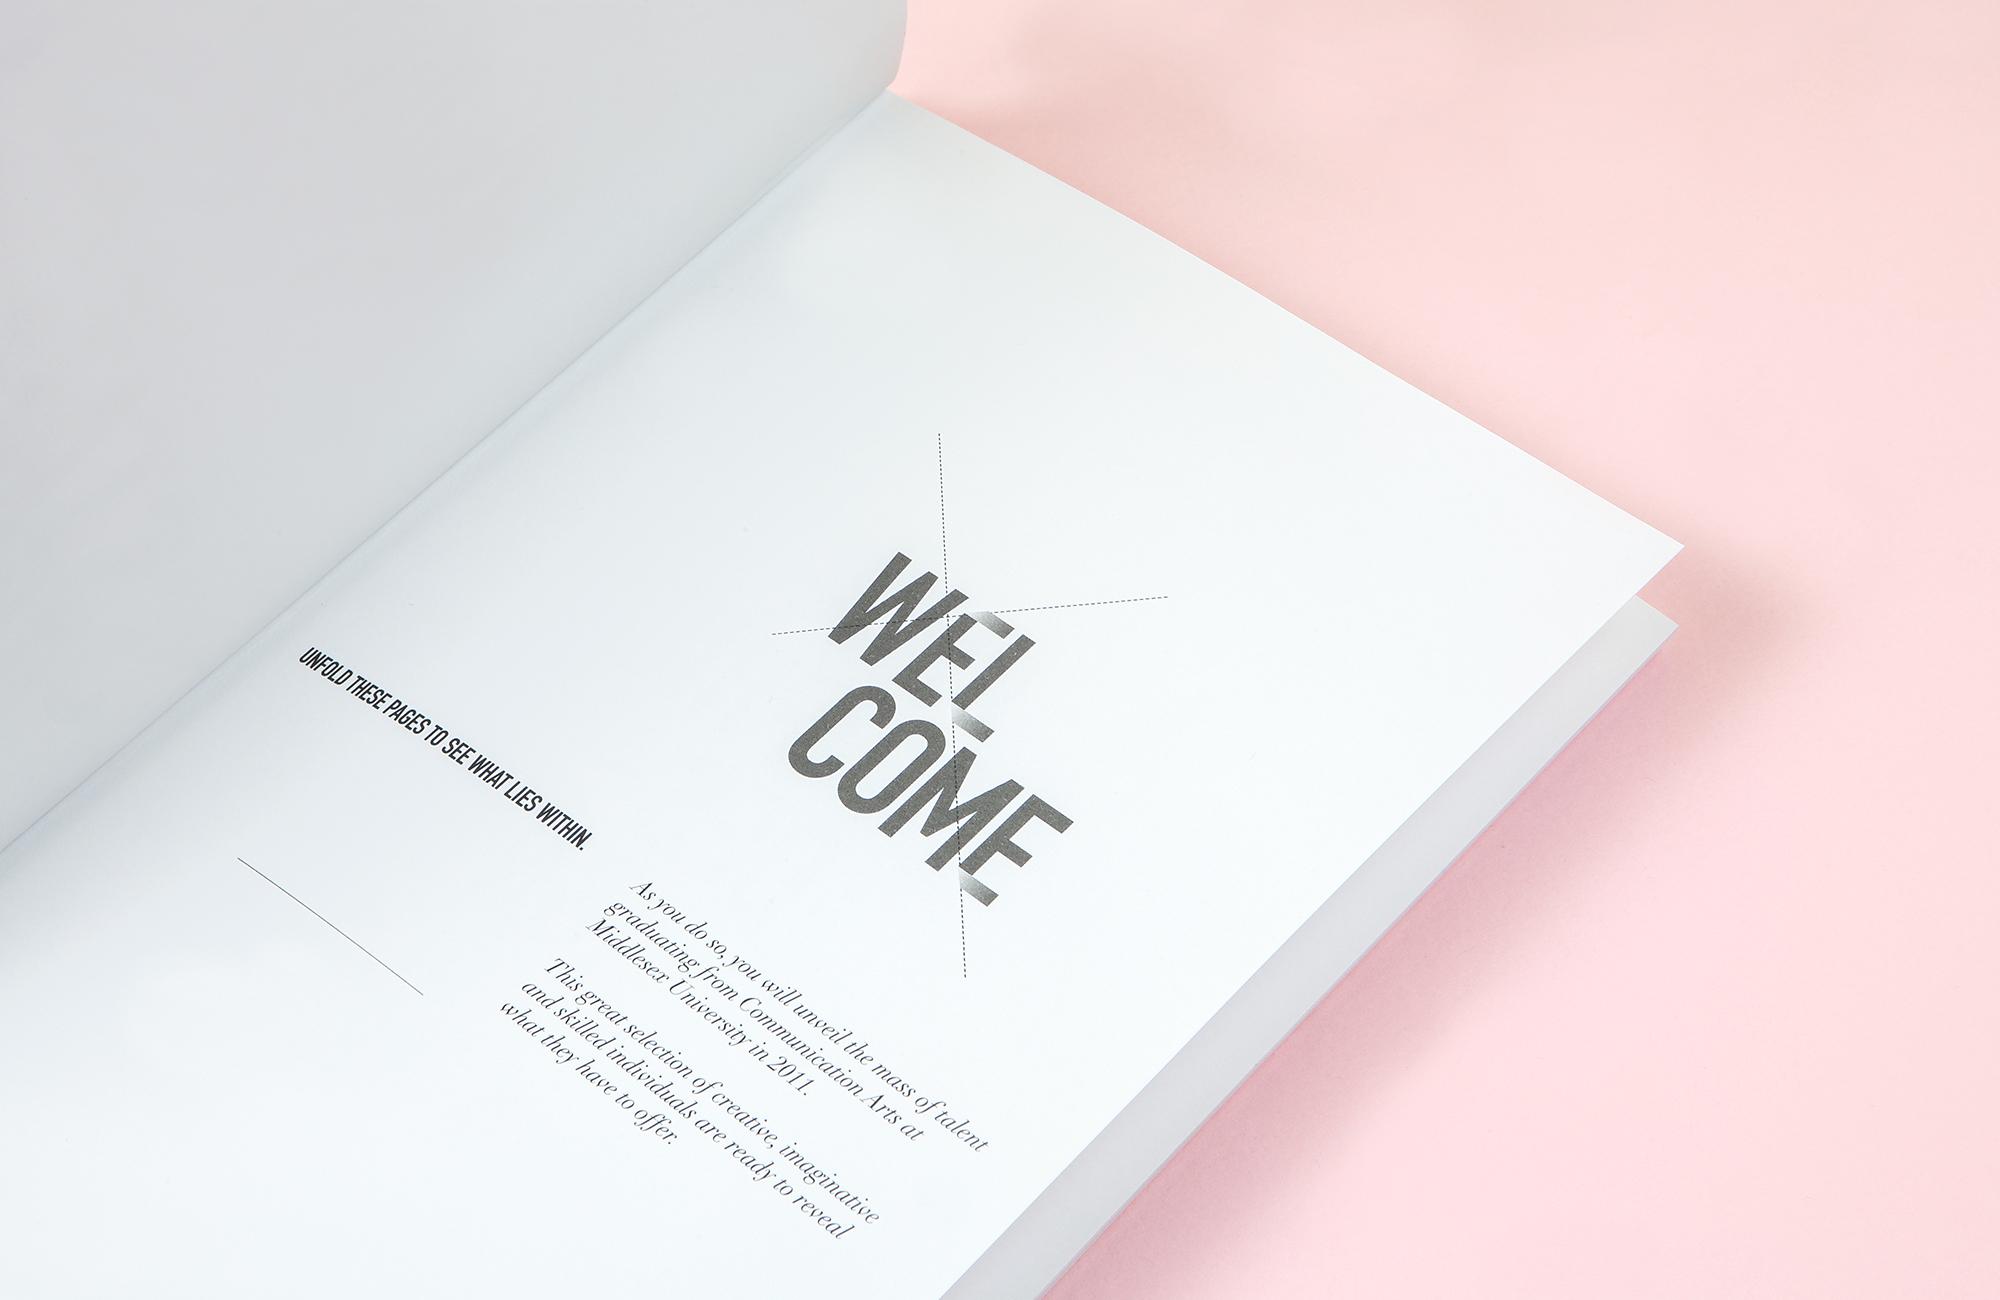 All Works Co._Graphic_Design_Studio_London_UnfoldingTalent_Print_Arts_Catalogue_06